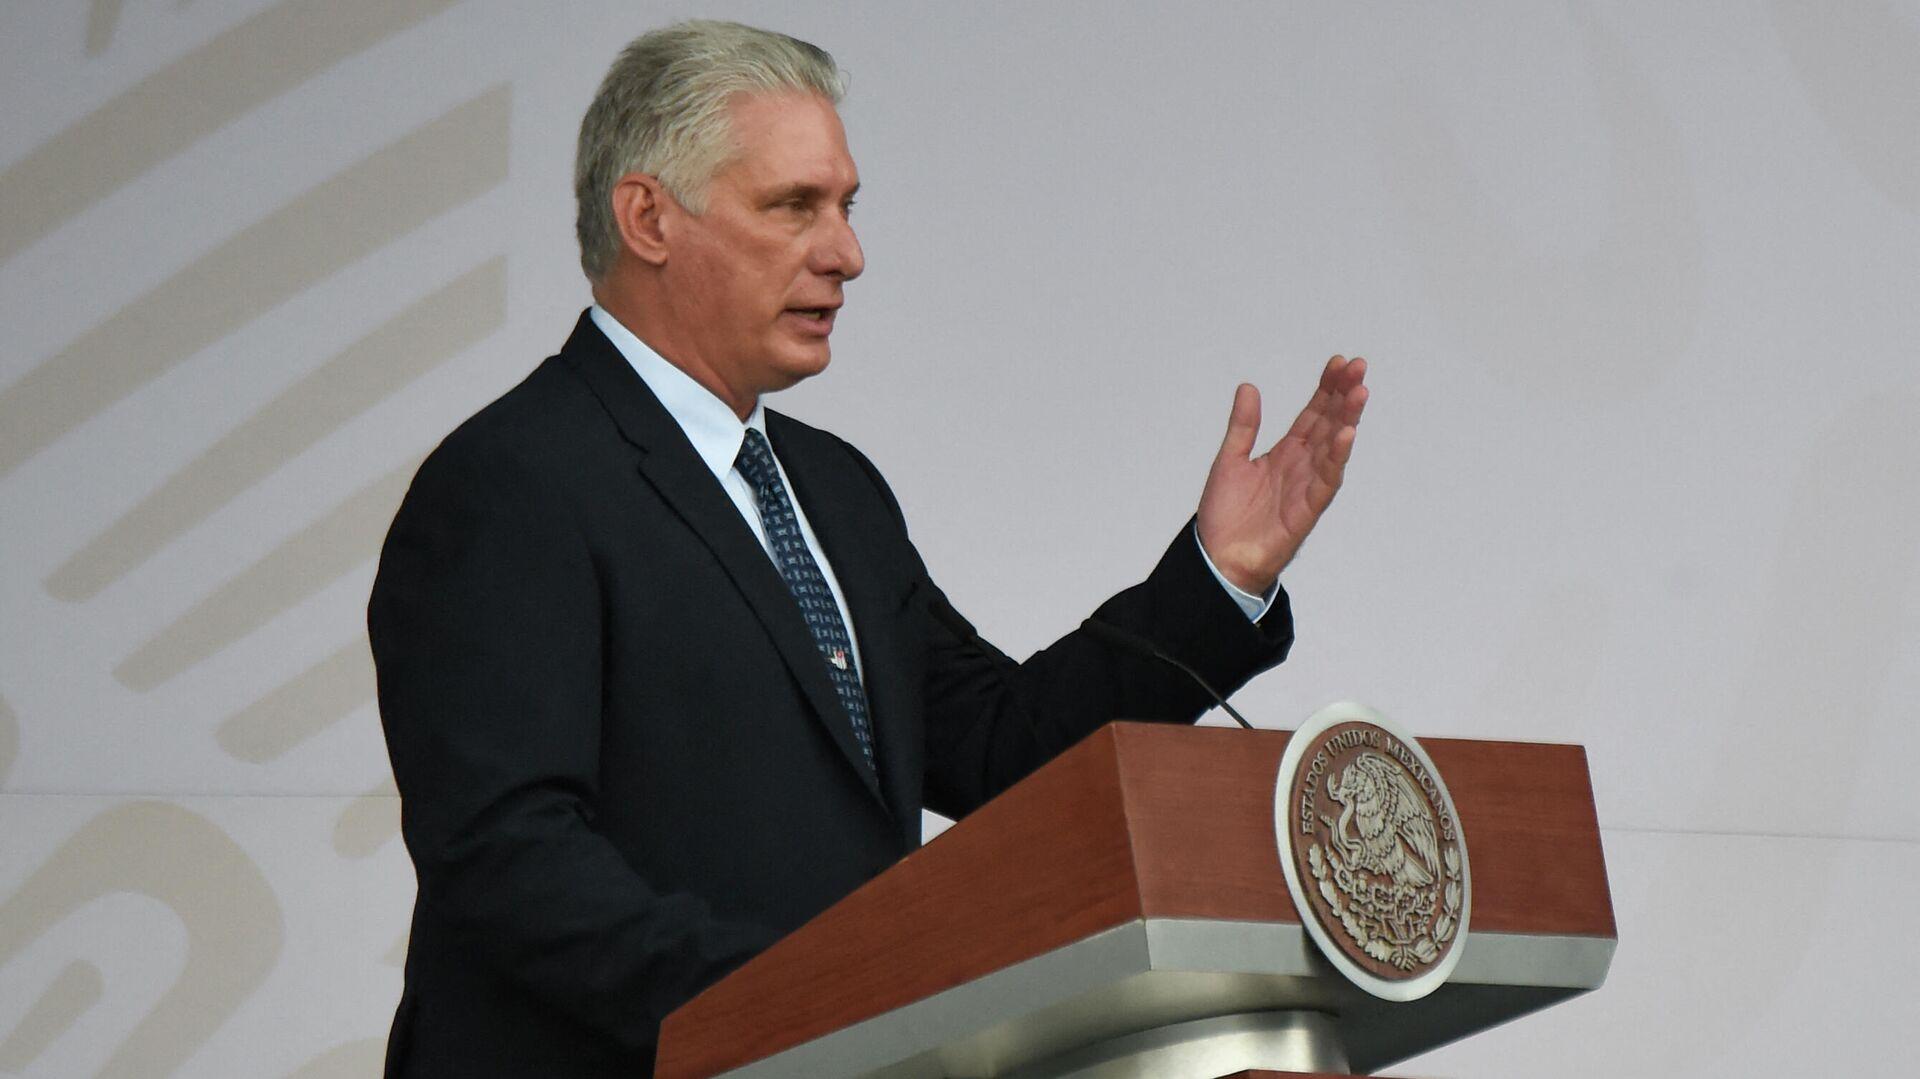 El presidente de Cuba, Miguel Díaz-Canel, da un discurso con motivo de la celebración del Día de la Independencia de México, en Ciudad de México, el 16 de septiembre de 2021 - Sputnik Mundo, 1920, 19.09.2021